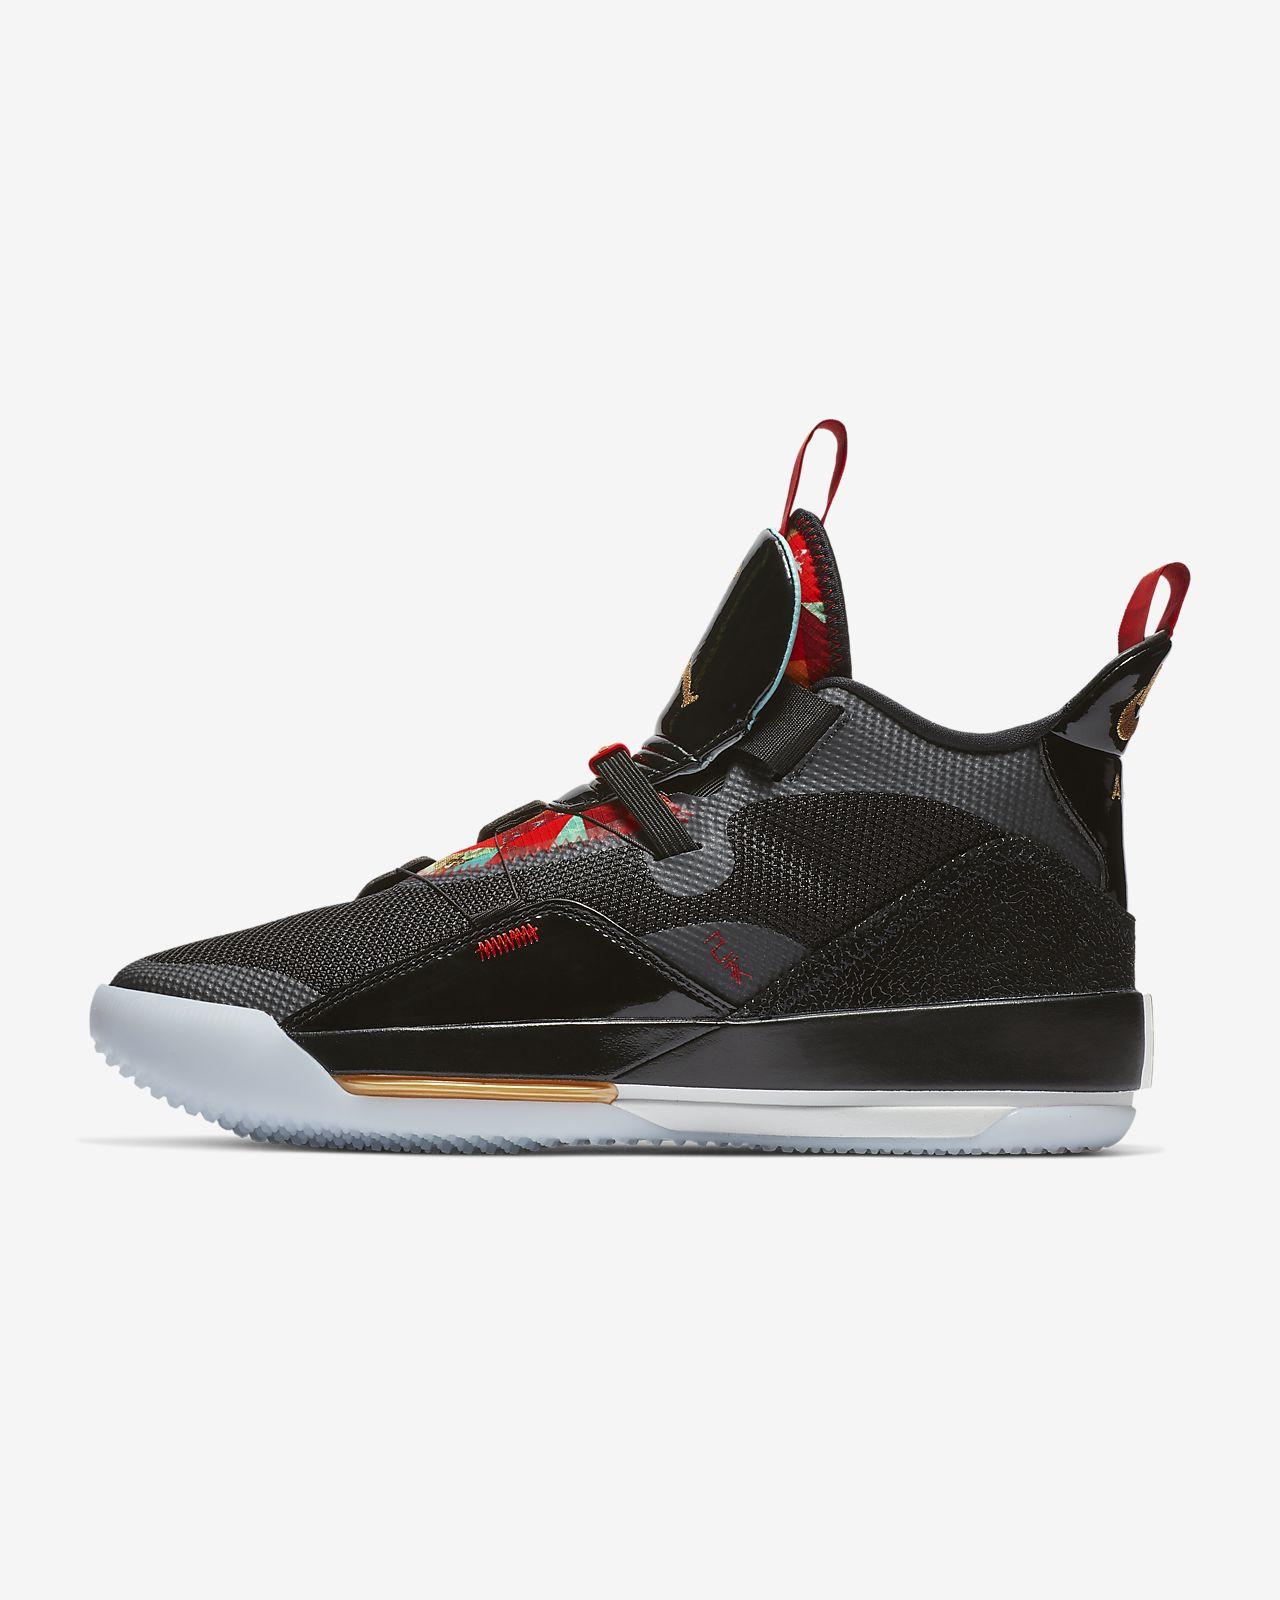 Buty do koszykówki Air Jordan XXXIII